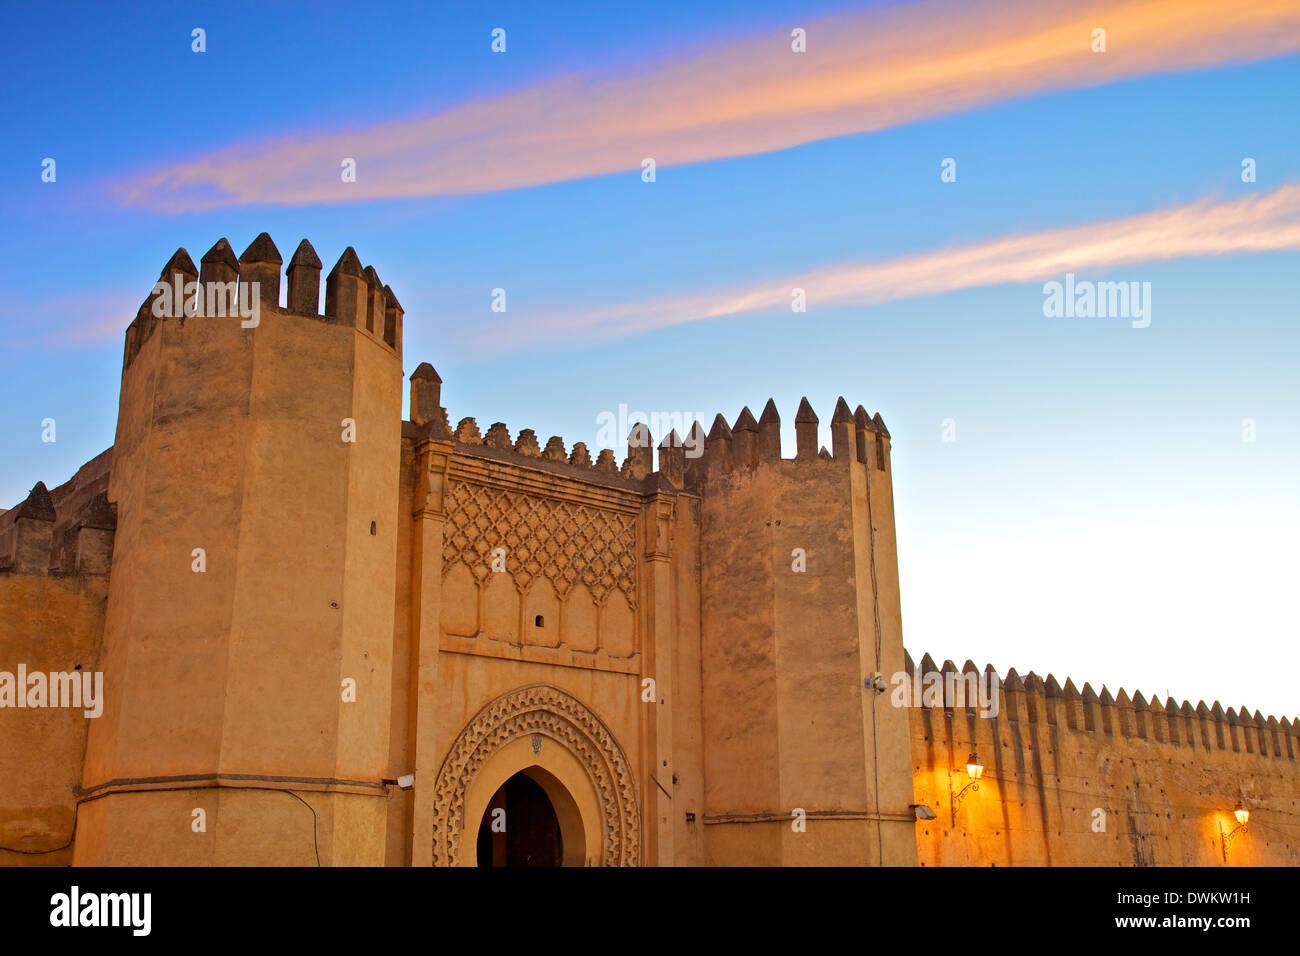 Lieu Bou Jeloud, Fès, Maroc, Afrique du Nord, Afrique Photo Stock